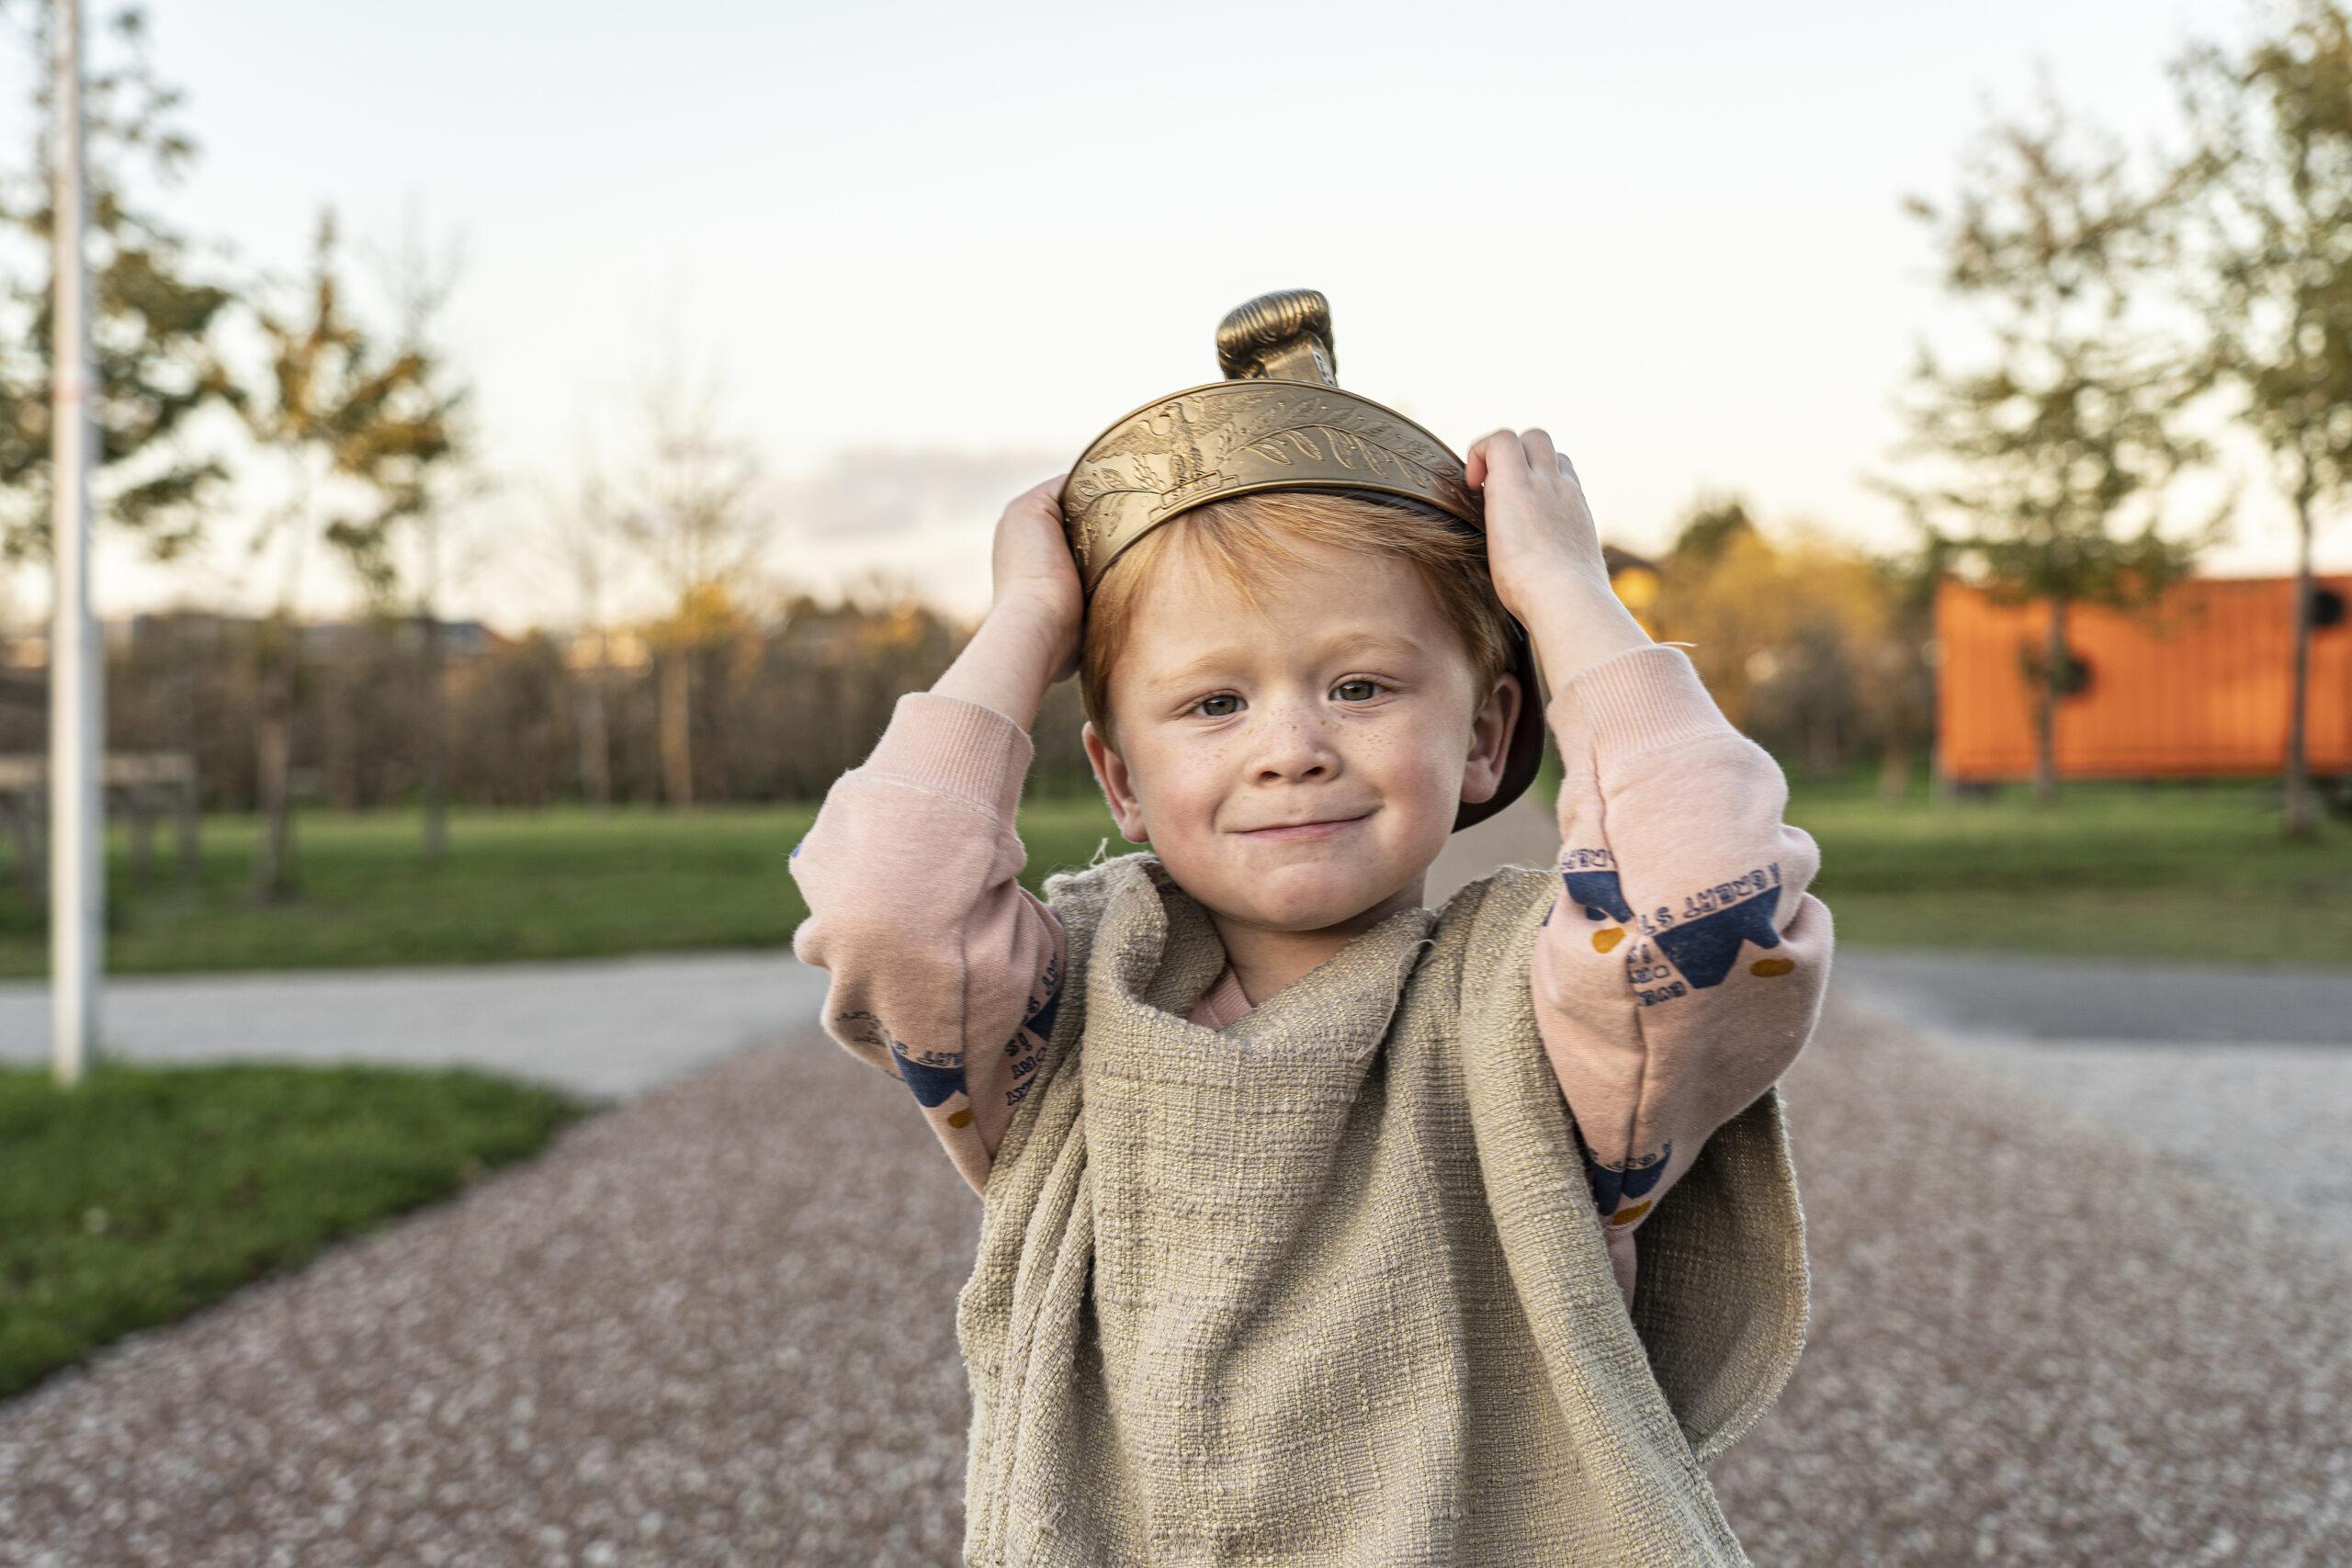 Een jongetje is gekleed in Romeins kostuum en houdt met beide handen zijn Romeinse helm, die hij op zijn hoofd draagt, vast. Het jongetje glimlacht in de camera.